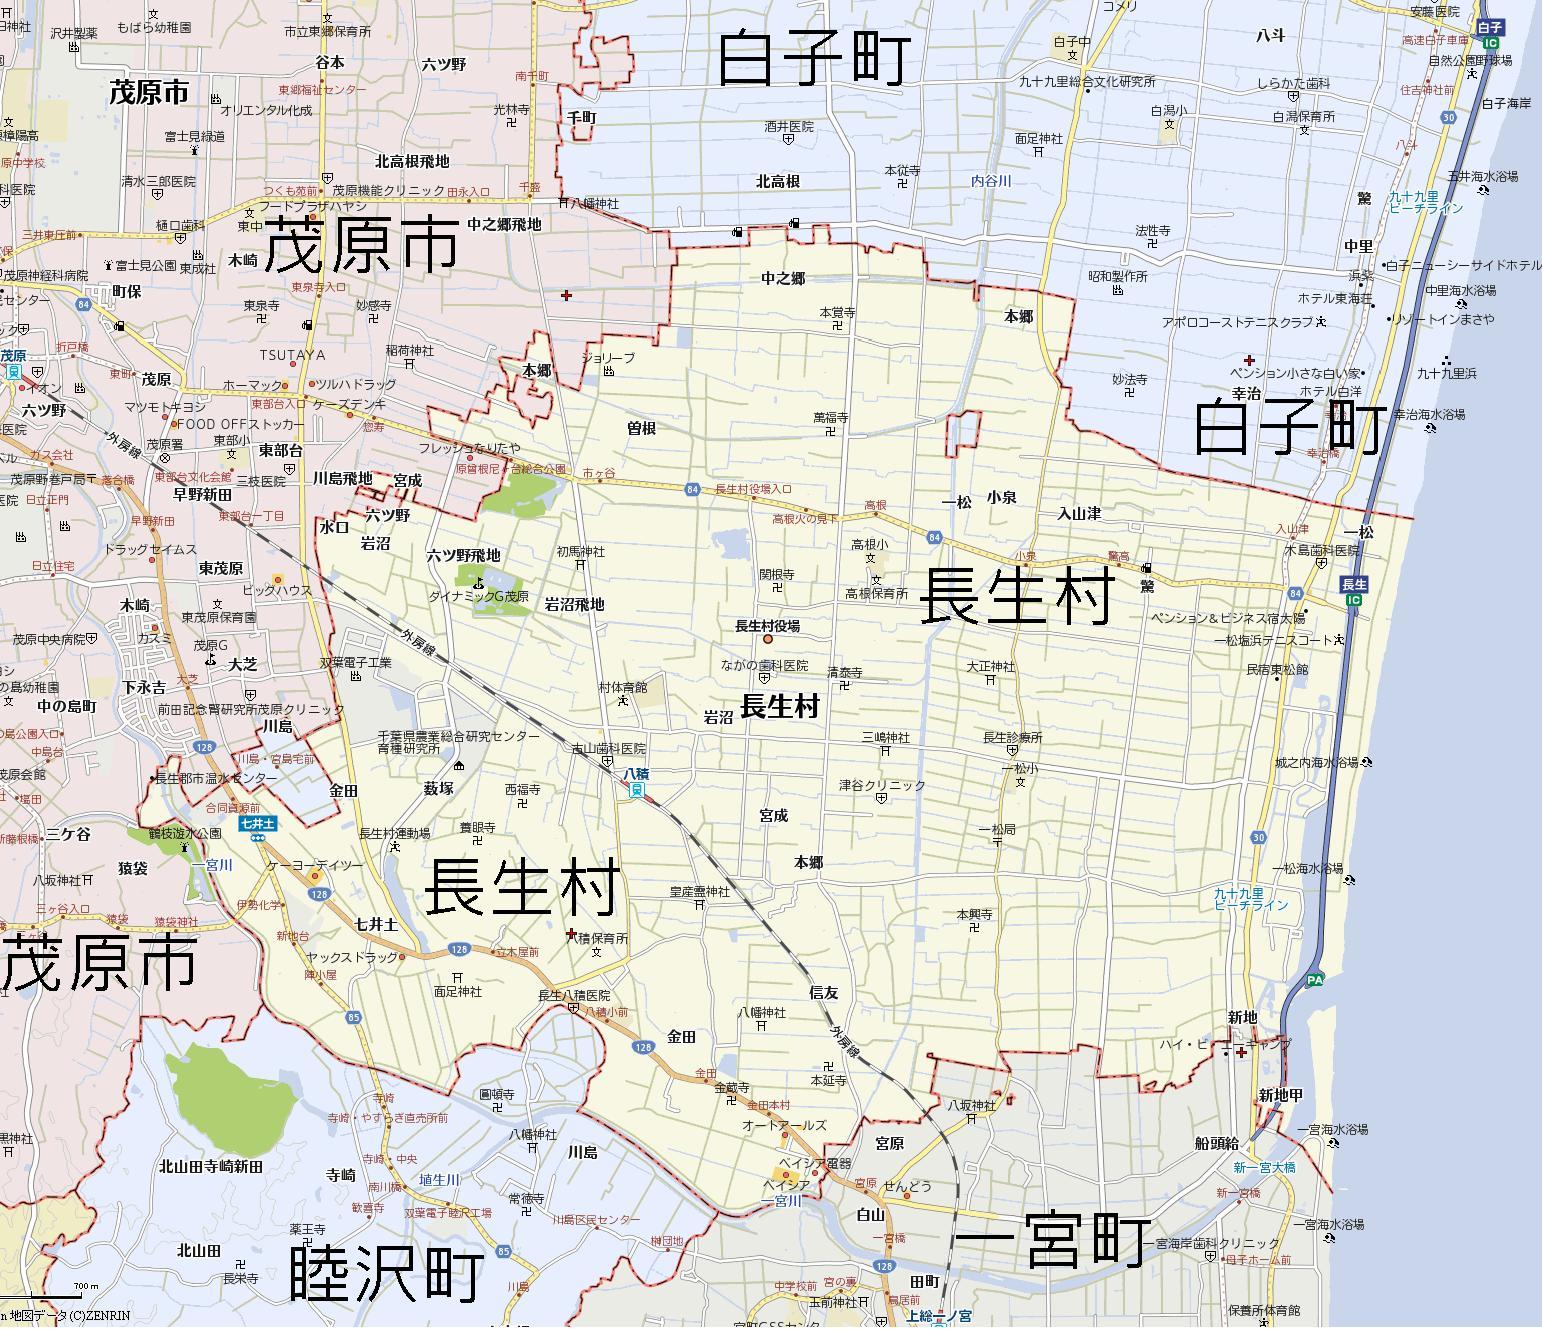 Chibadaikibo2